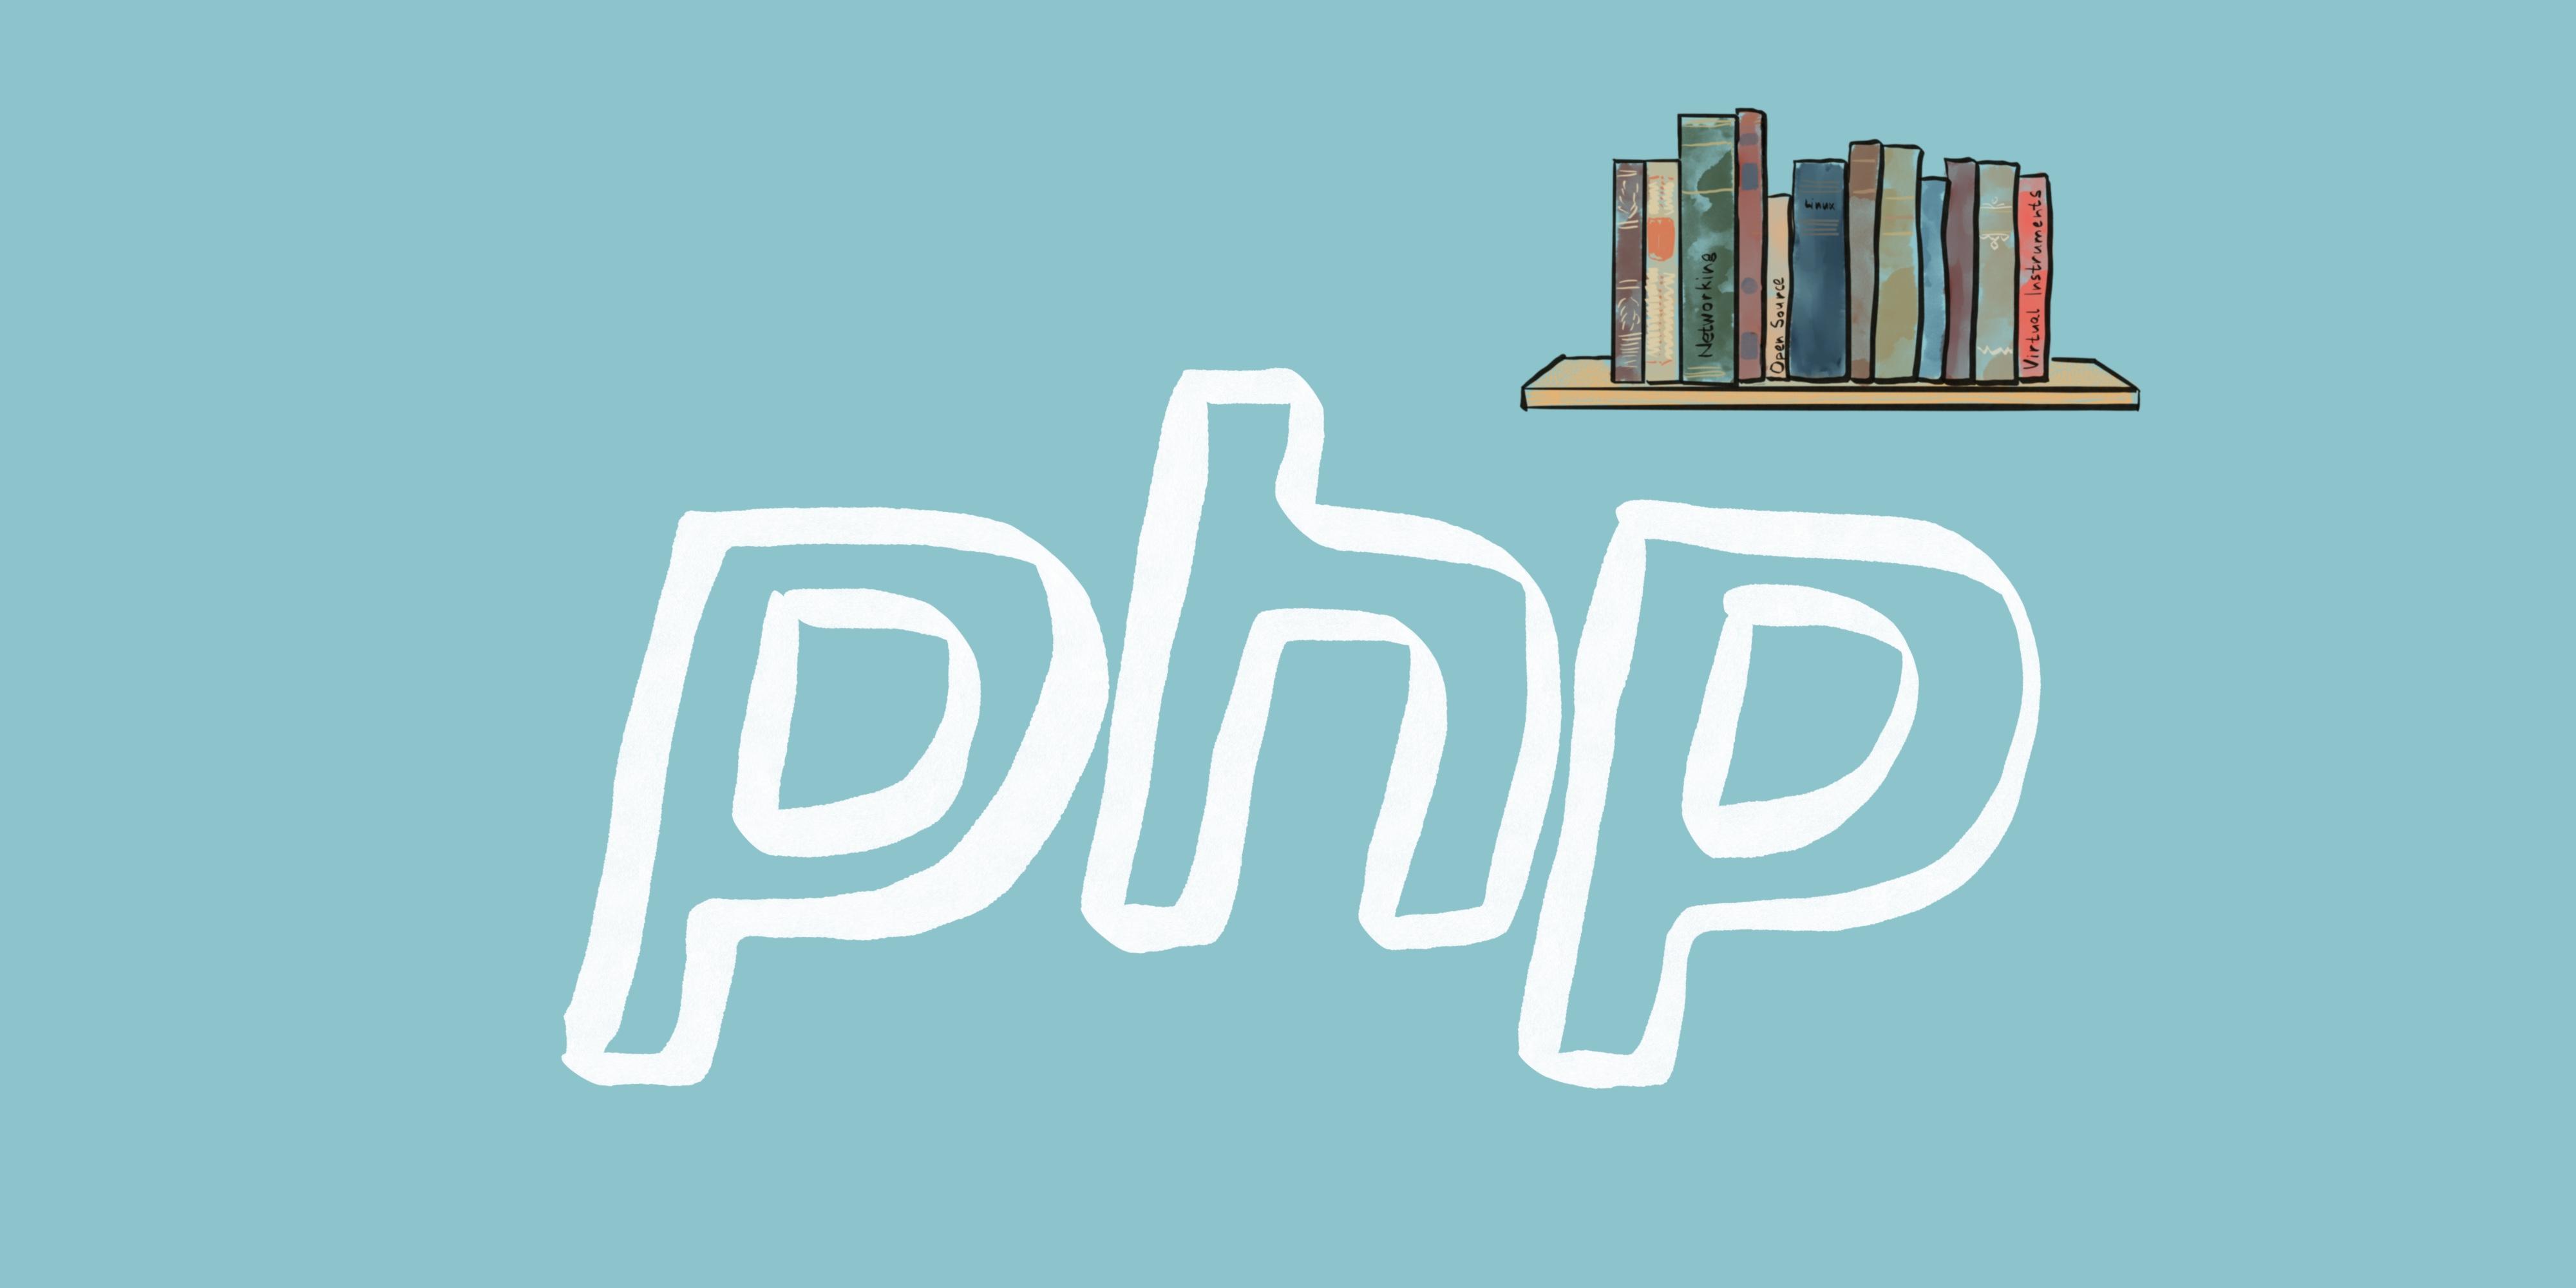 📕 ТОП-10 книг по PHP: от новичка до профессионала